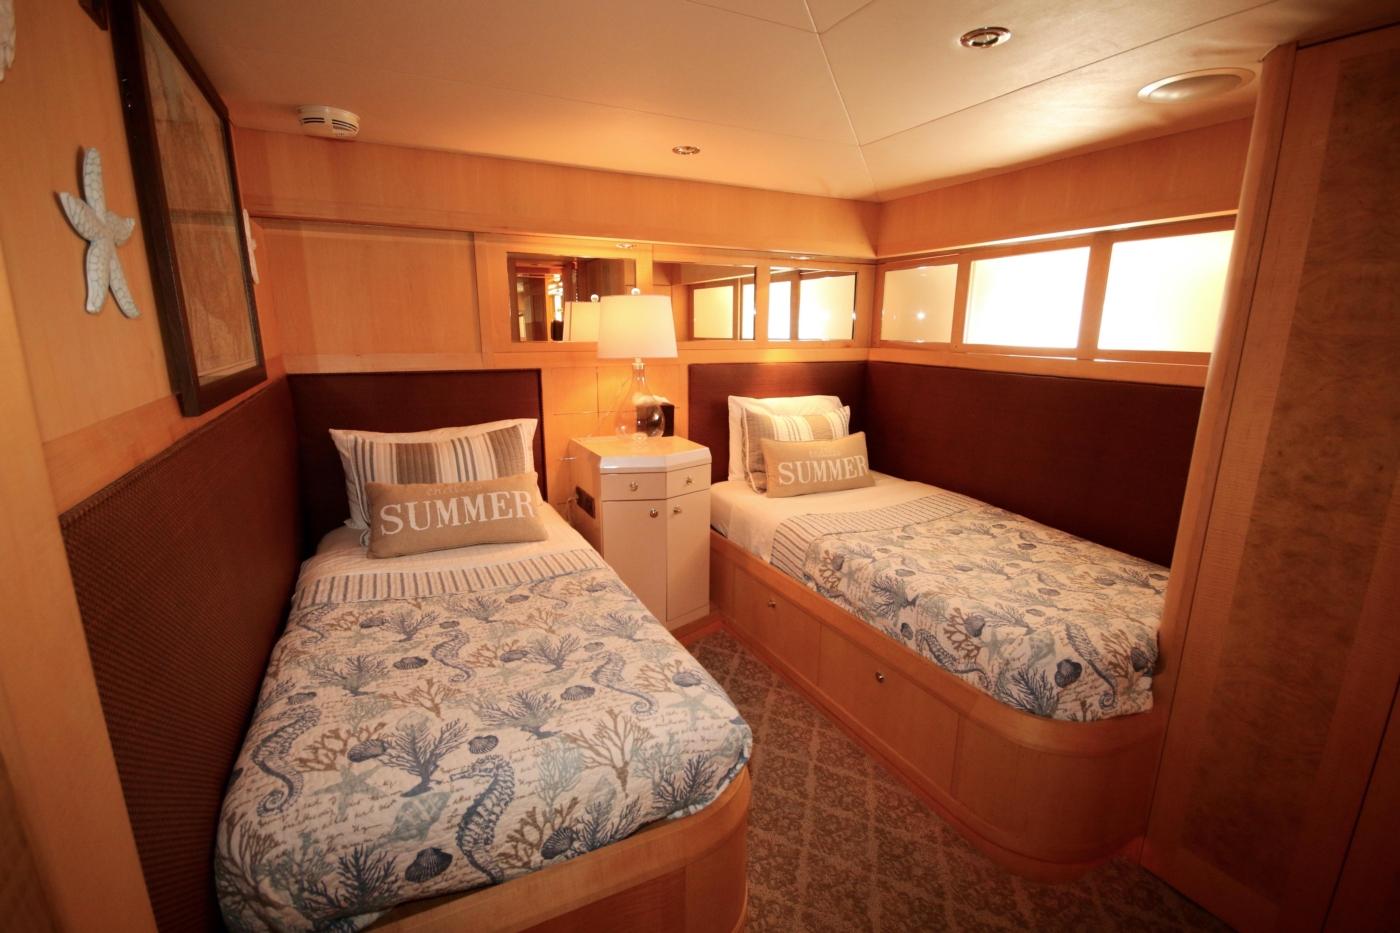 1997 Nordlund Motoryacht, Twin guest stateroom